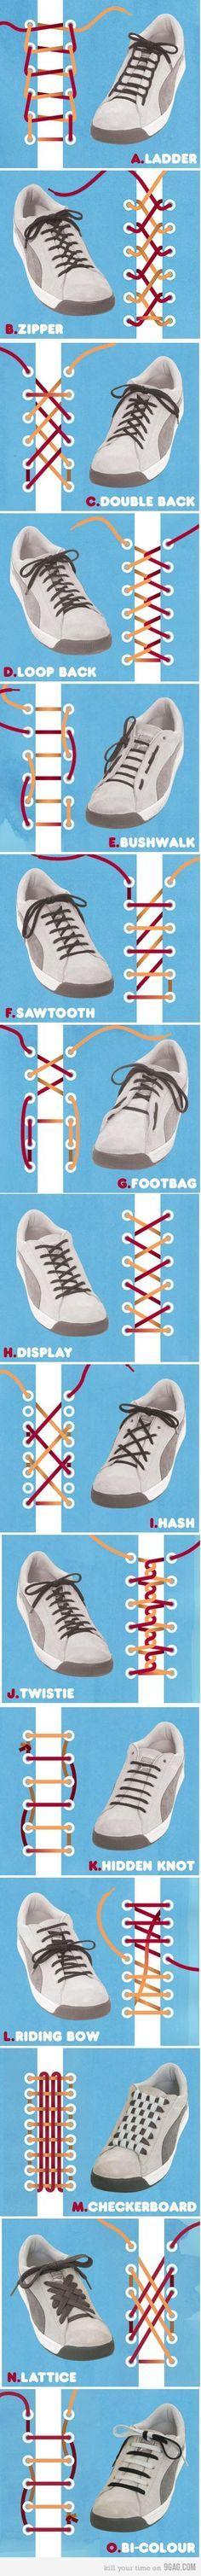 Shoe Lace Hack